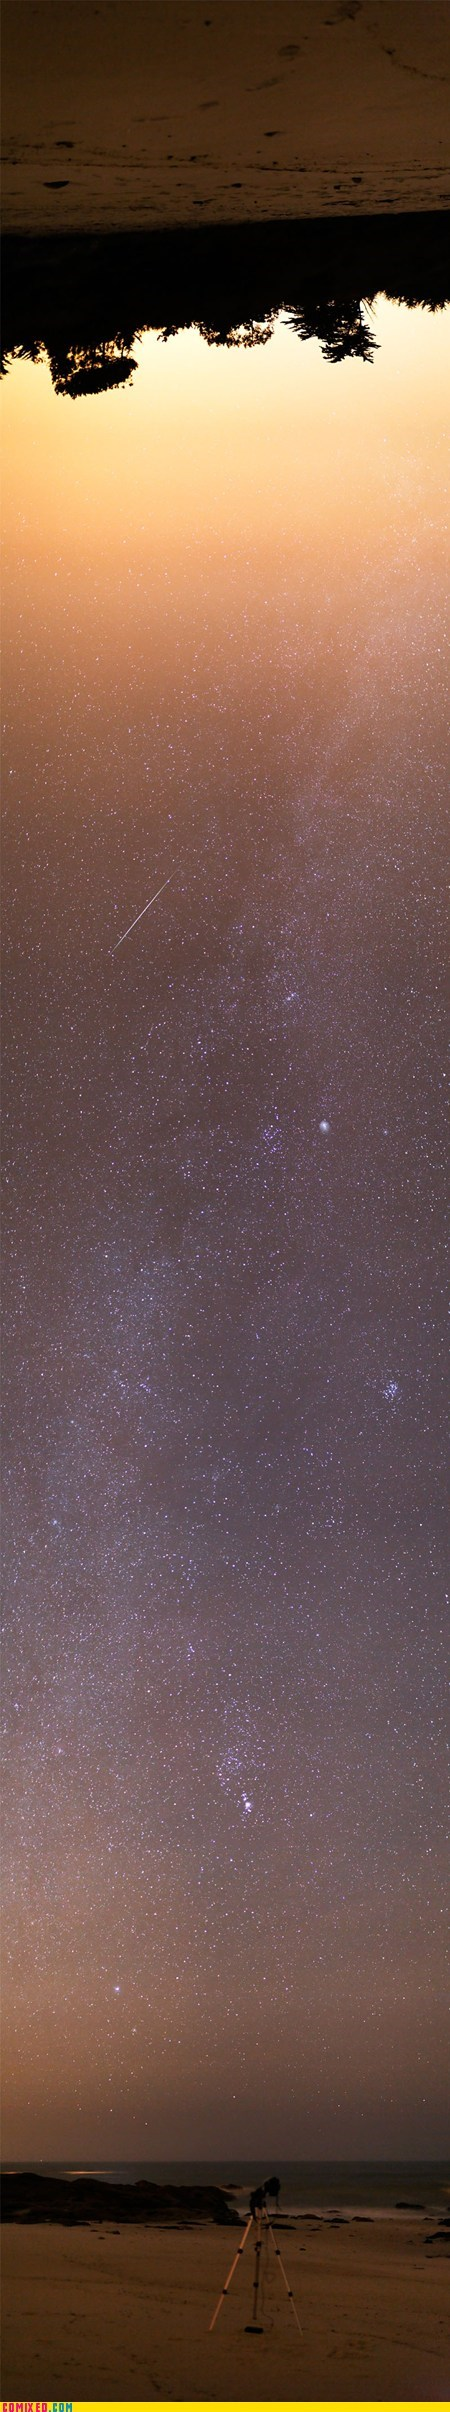 amazing,Astronomy,flip,horizon,sky